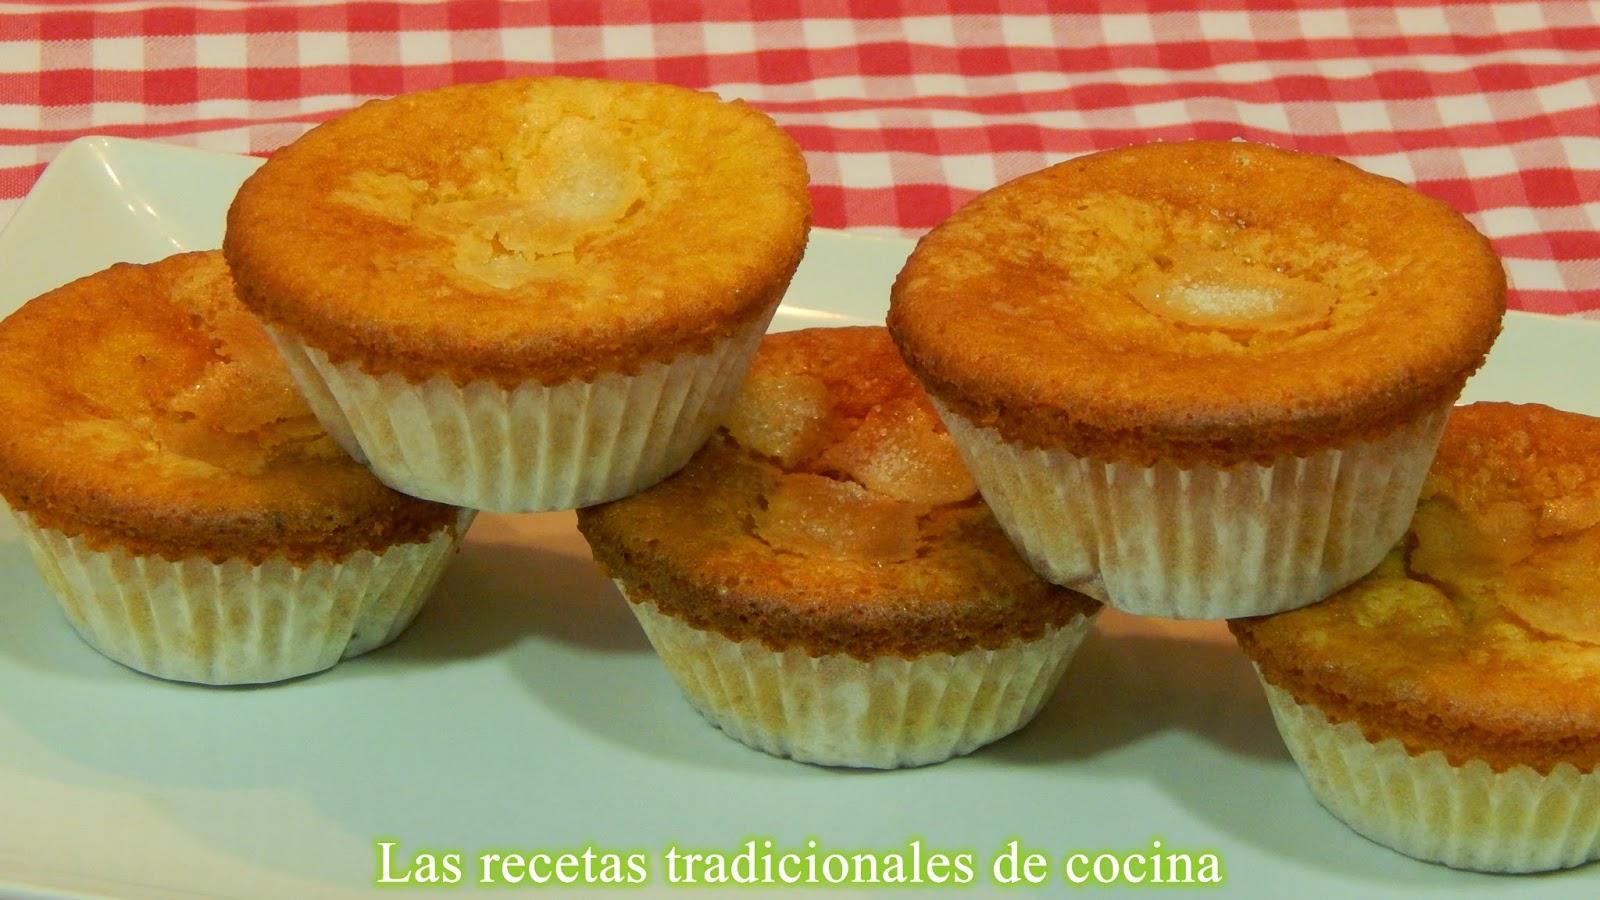 Cupcakes o muffins de calabaza